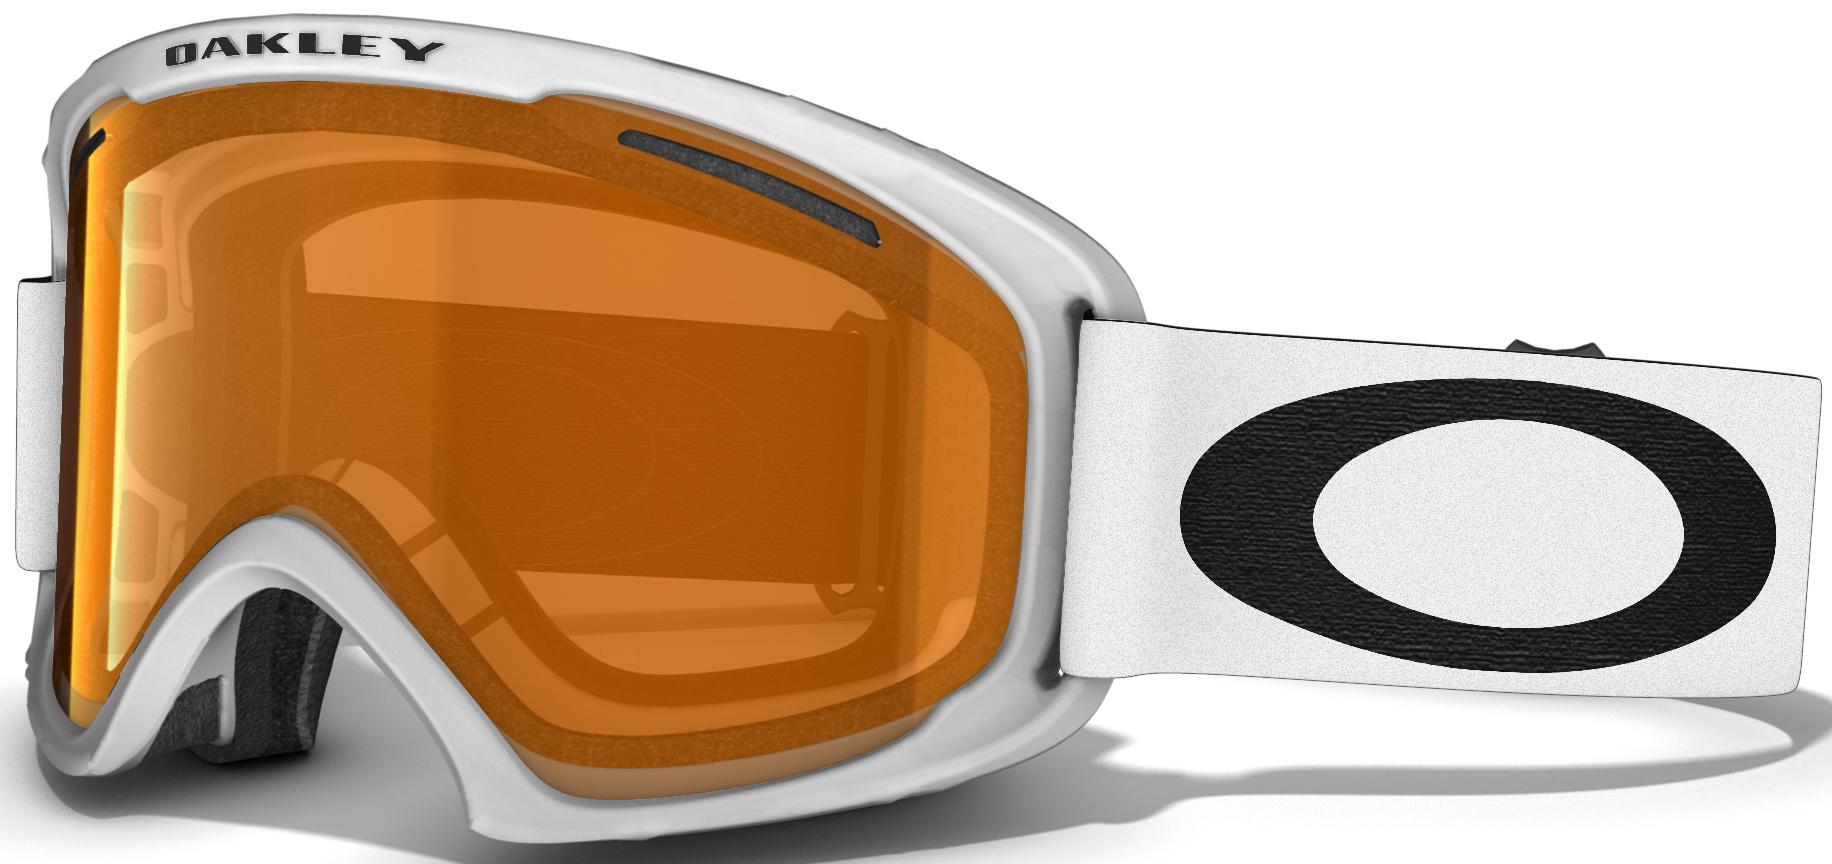 Oakley Маска Oakley O2 XL маска для сноуборда oakley splice simon dumont signature black red